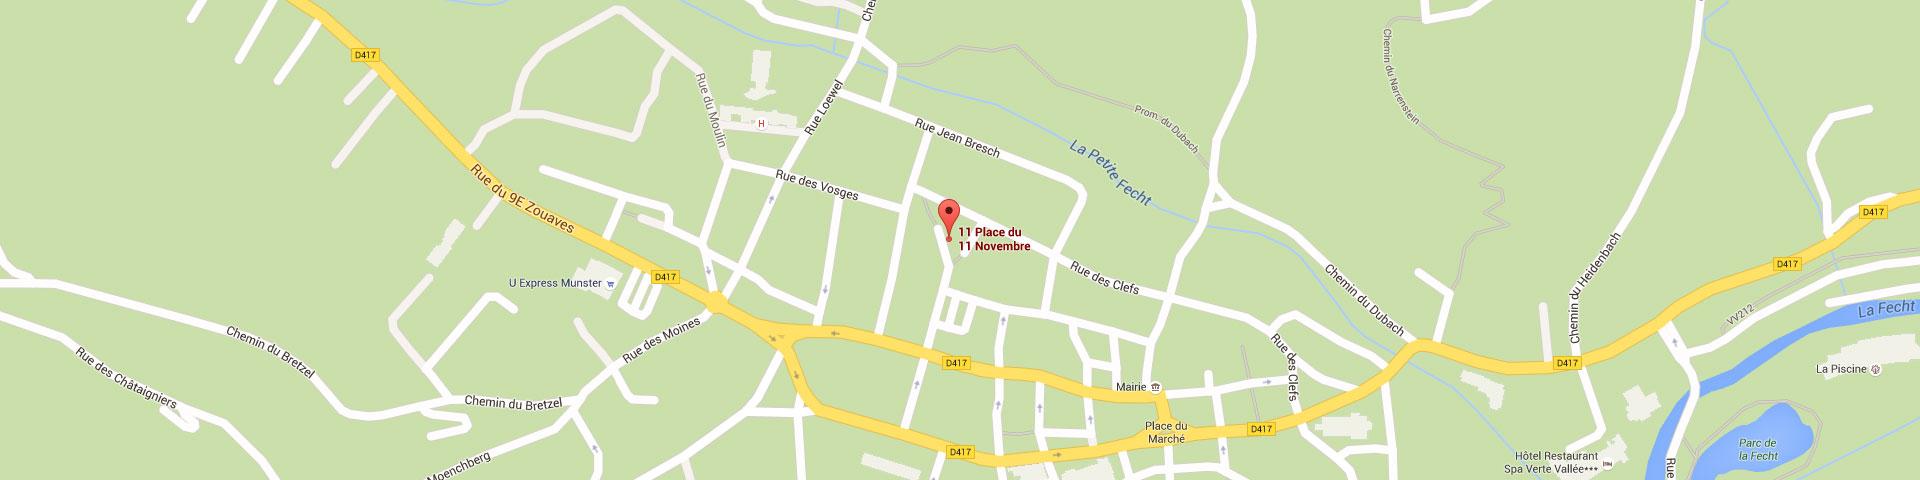 Plan pour géolocaliser l'auto-école larger dans Munster